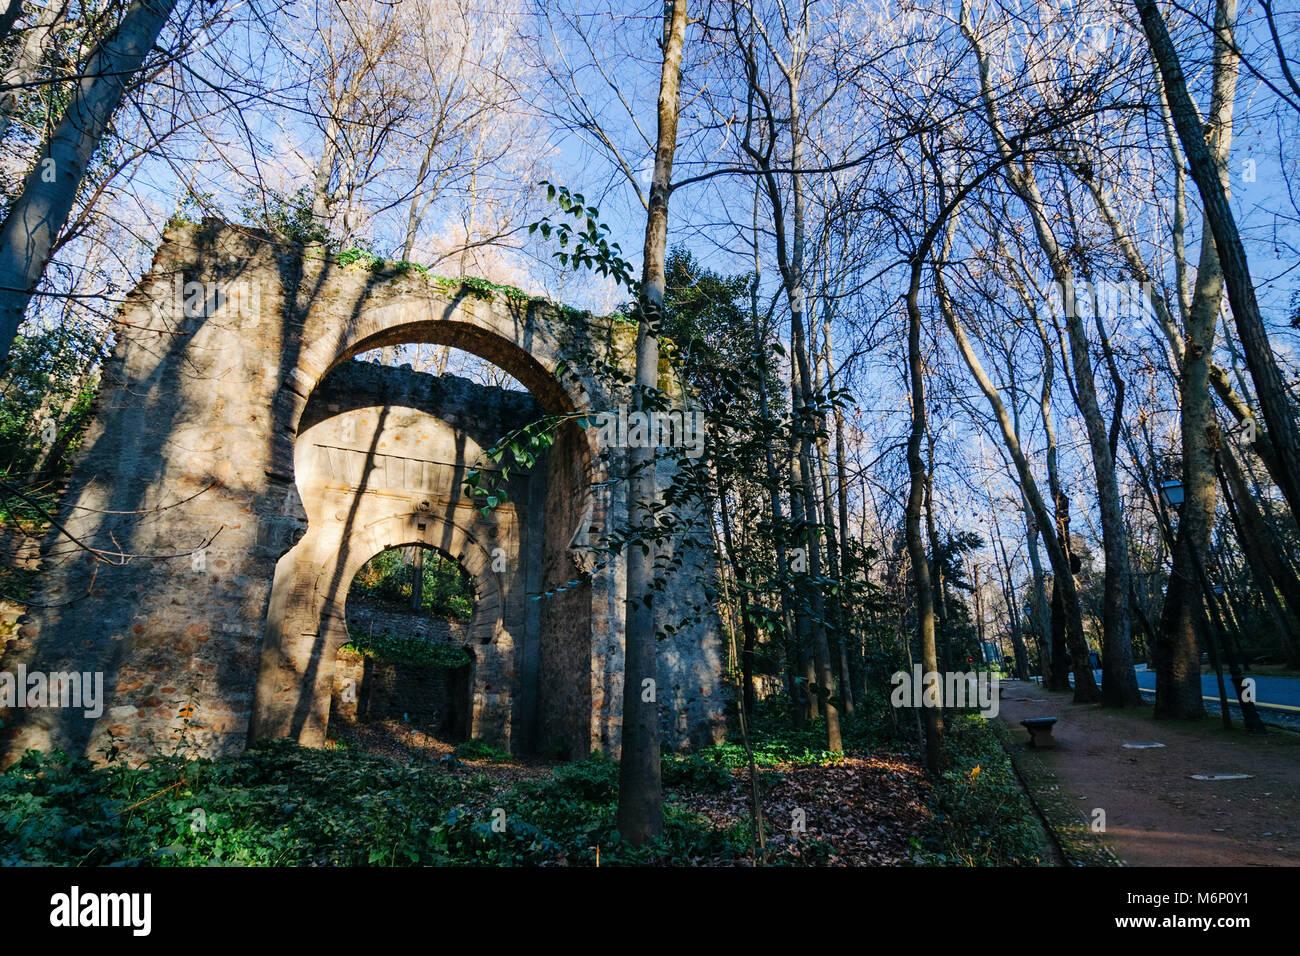 Granada, Andalusia, Spagna. XI secolo in stile moresco Gate delle orecchie (Arco de las Orejas), chiamato anche Immagini Stock